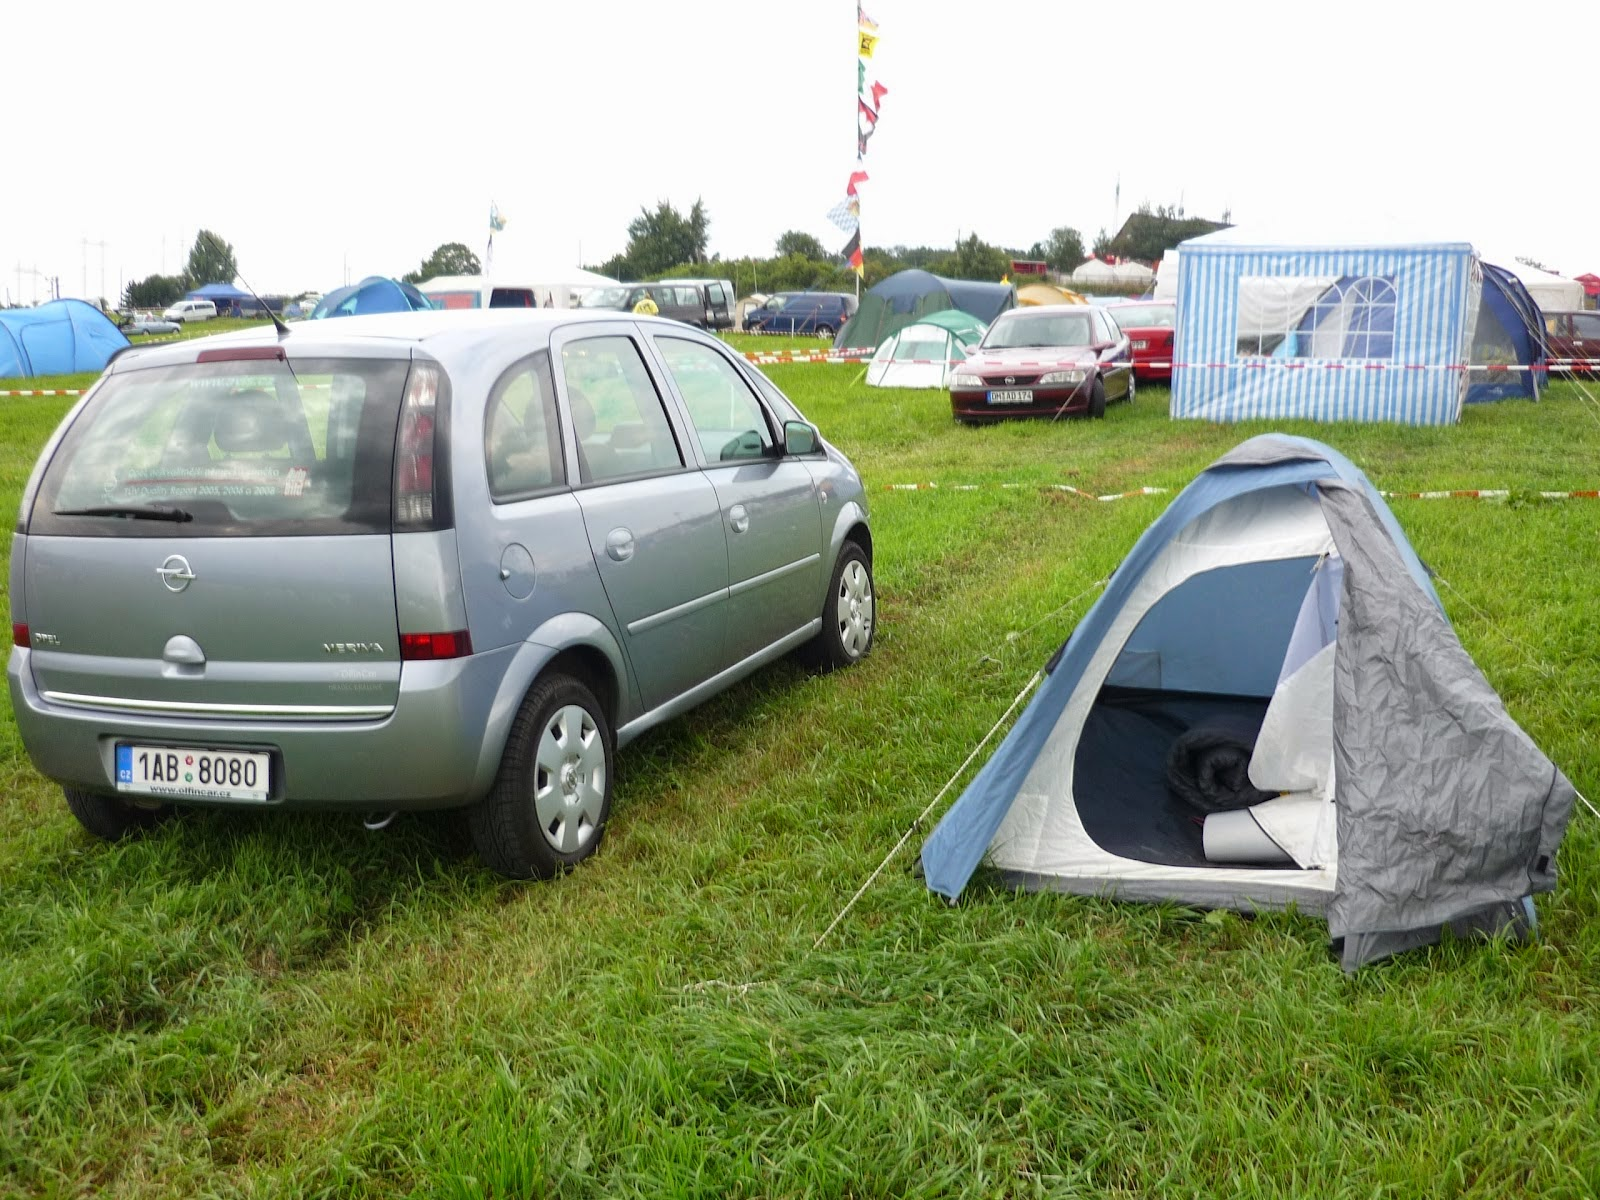 camping en el circuito de Brno